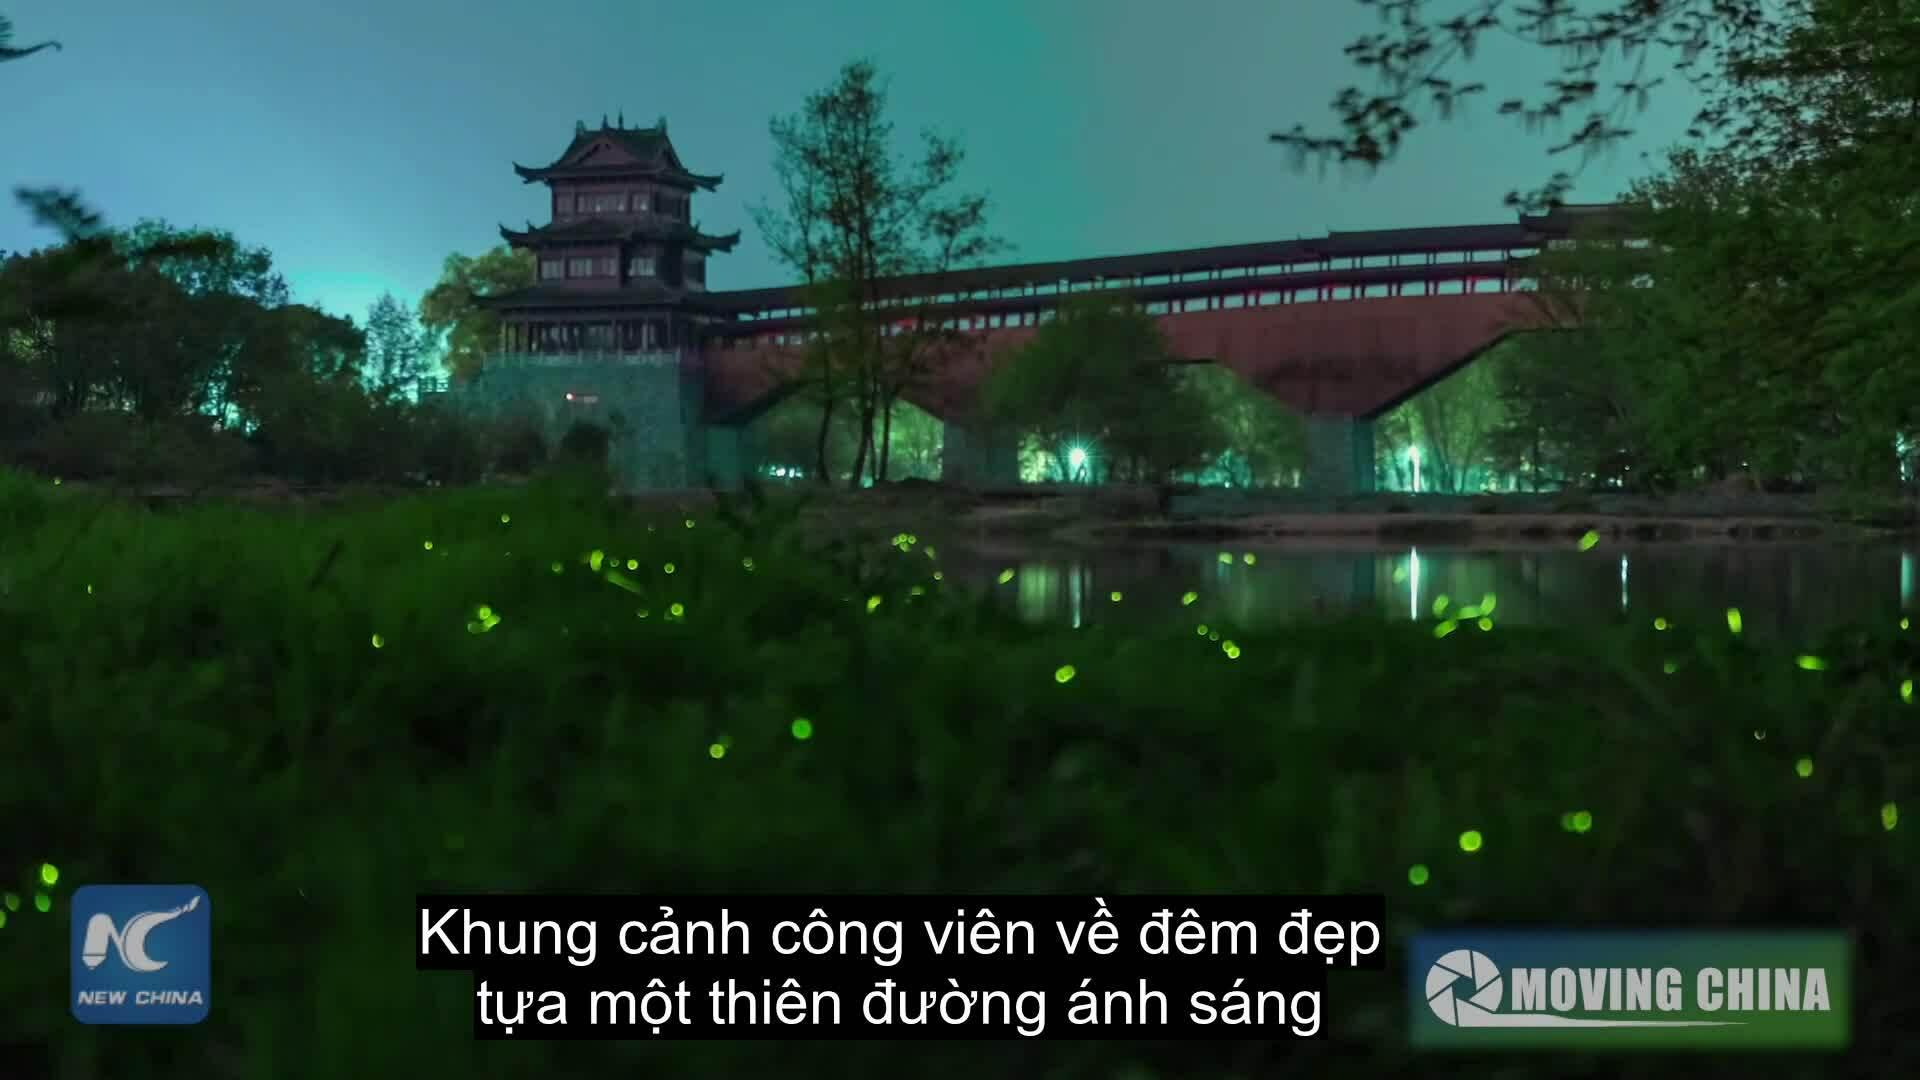 Thiên đường đom đóm đẹp như cổ tích ở Trung Quốc